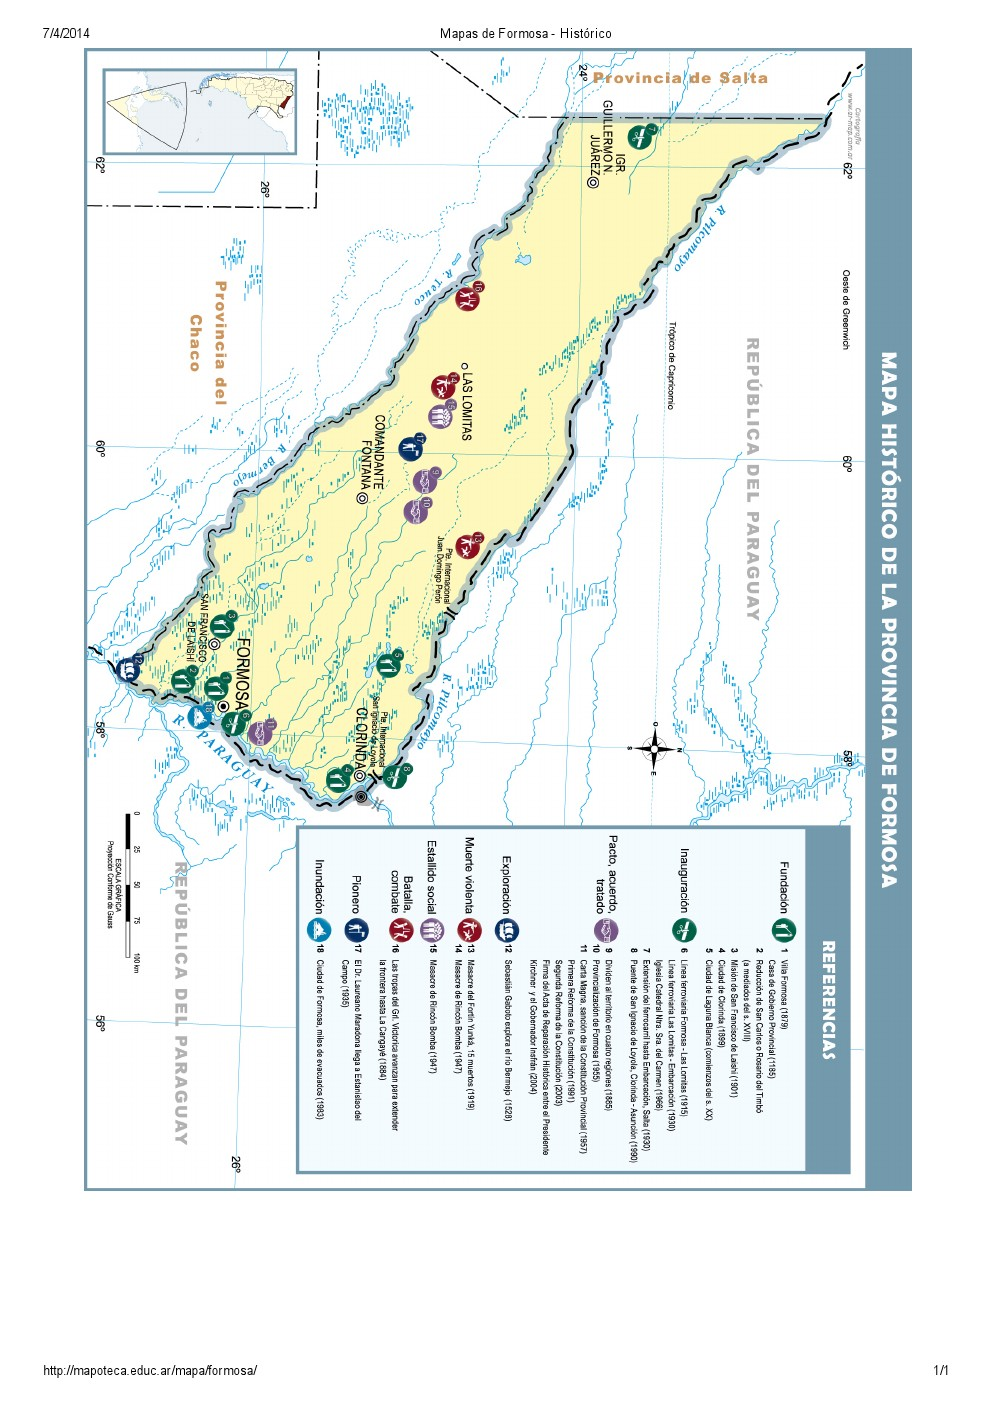 Mapa histórico de Formosa. Mapoteca de Educ.ar